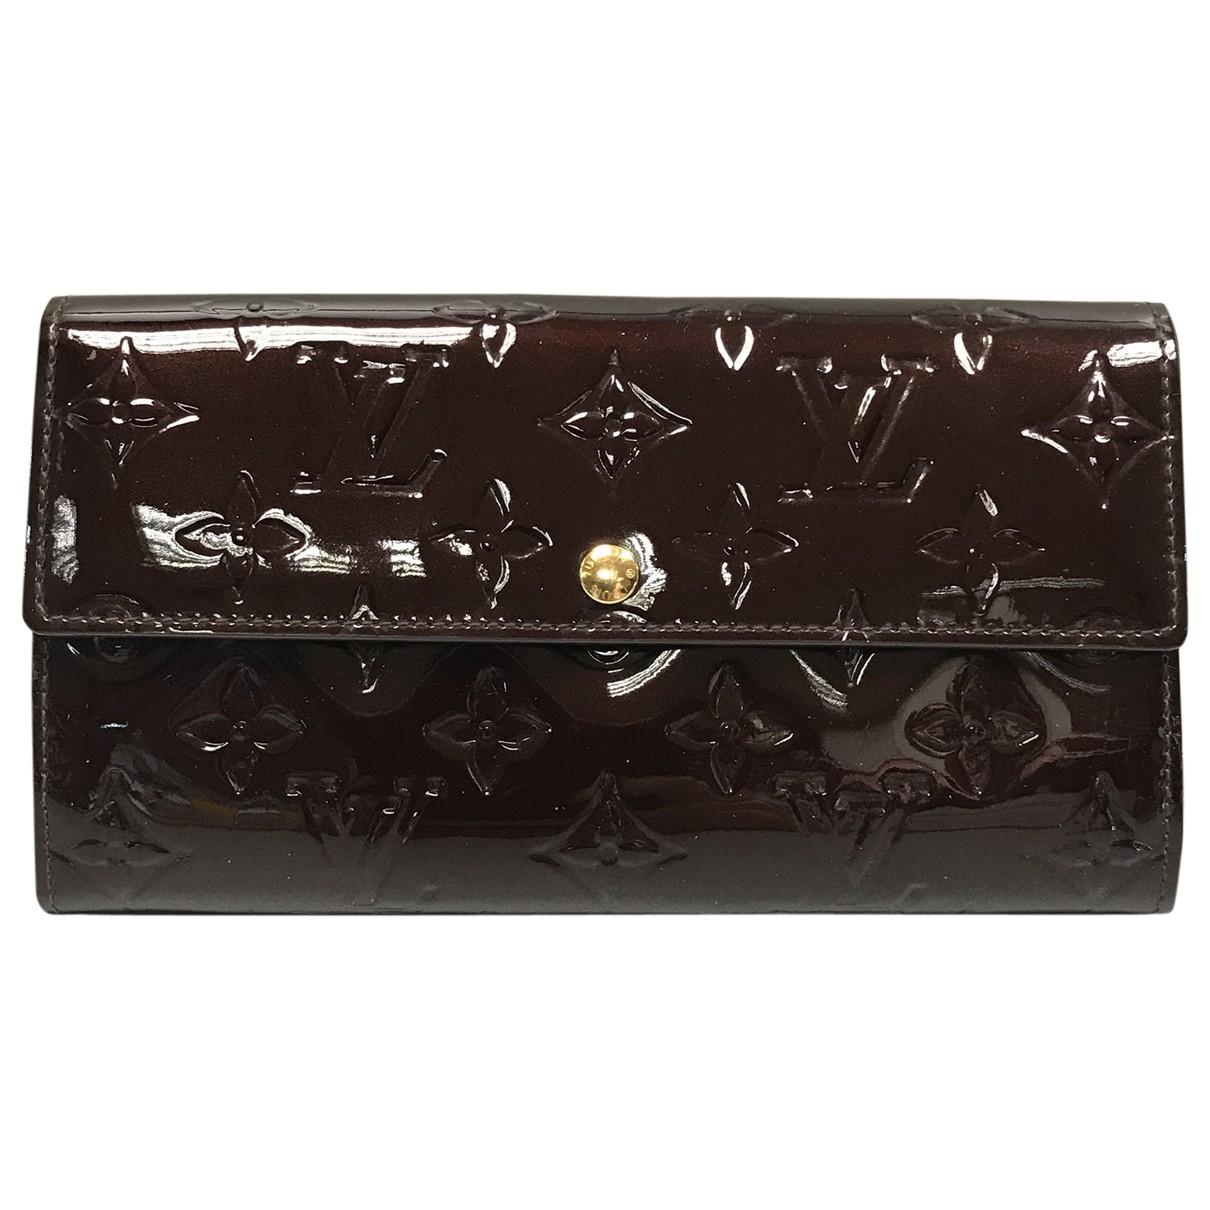 Louis Vuitton - Portefeuille Sarah pour femme en cuir verni - bordeaux